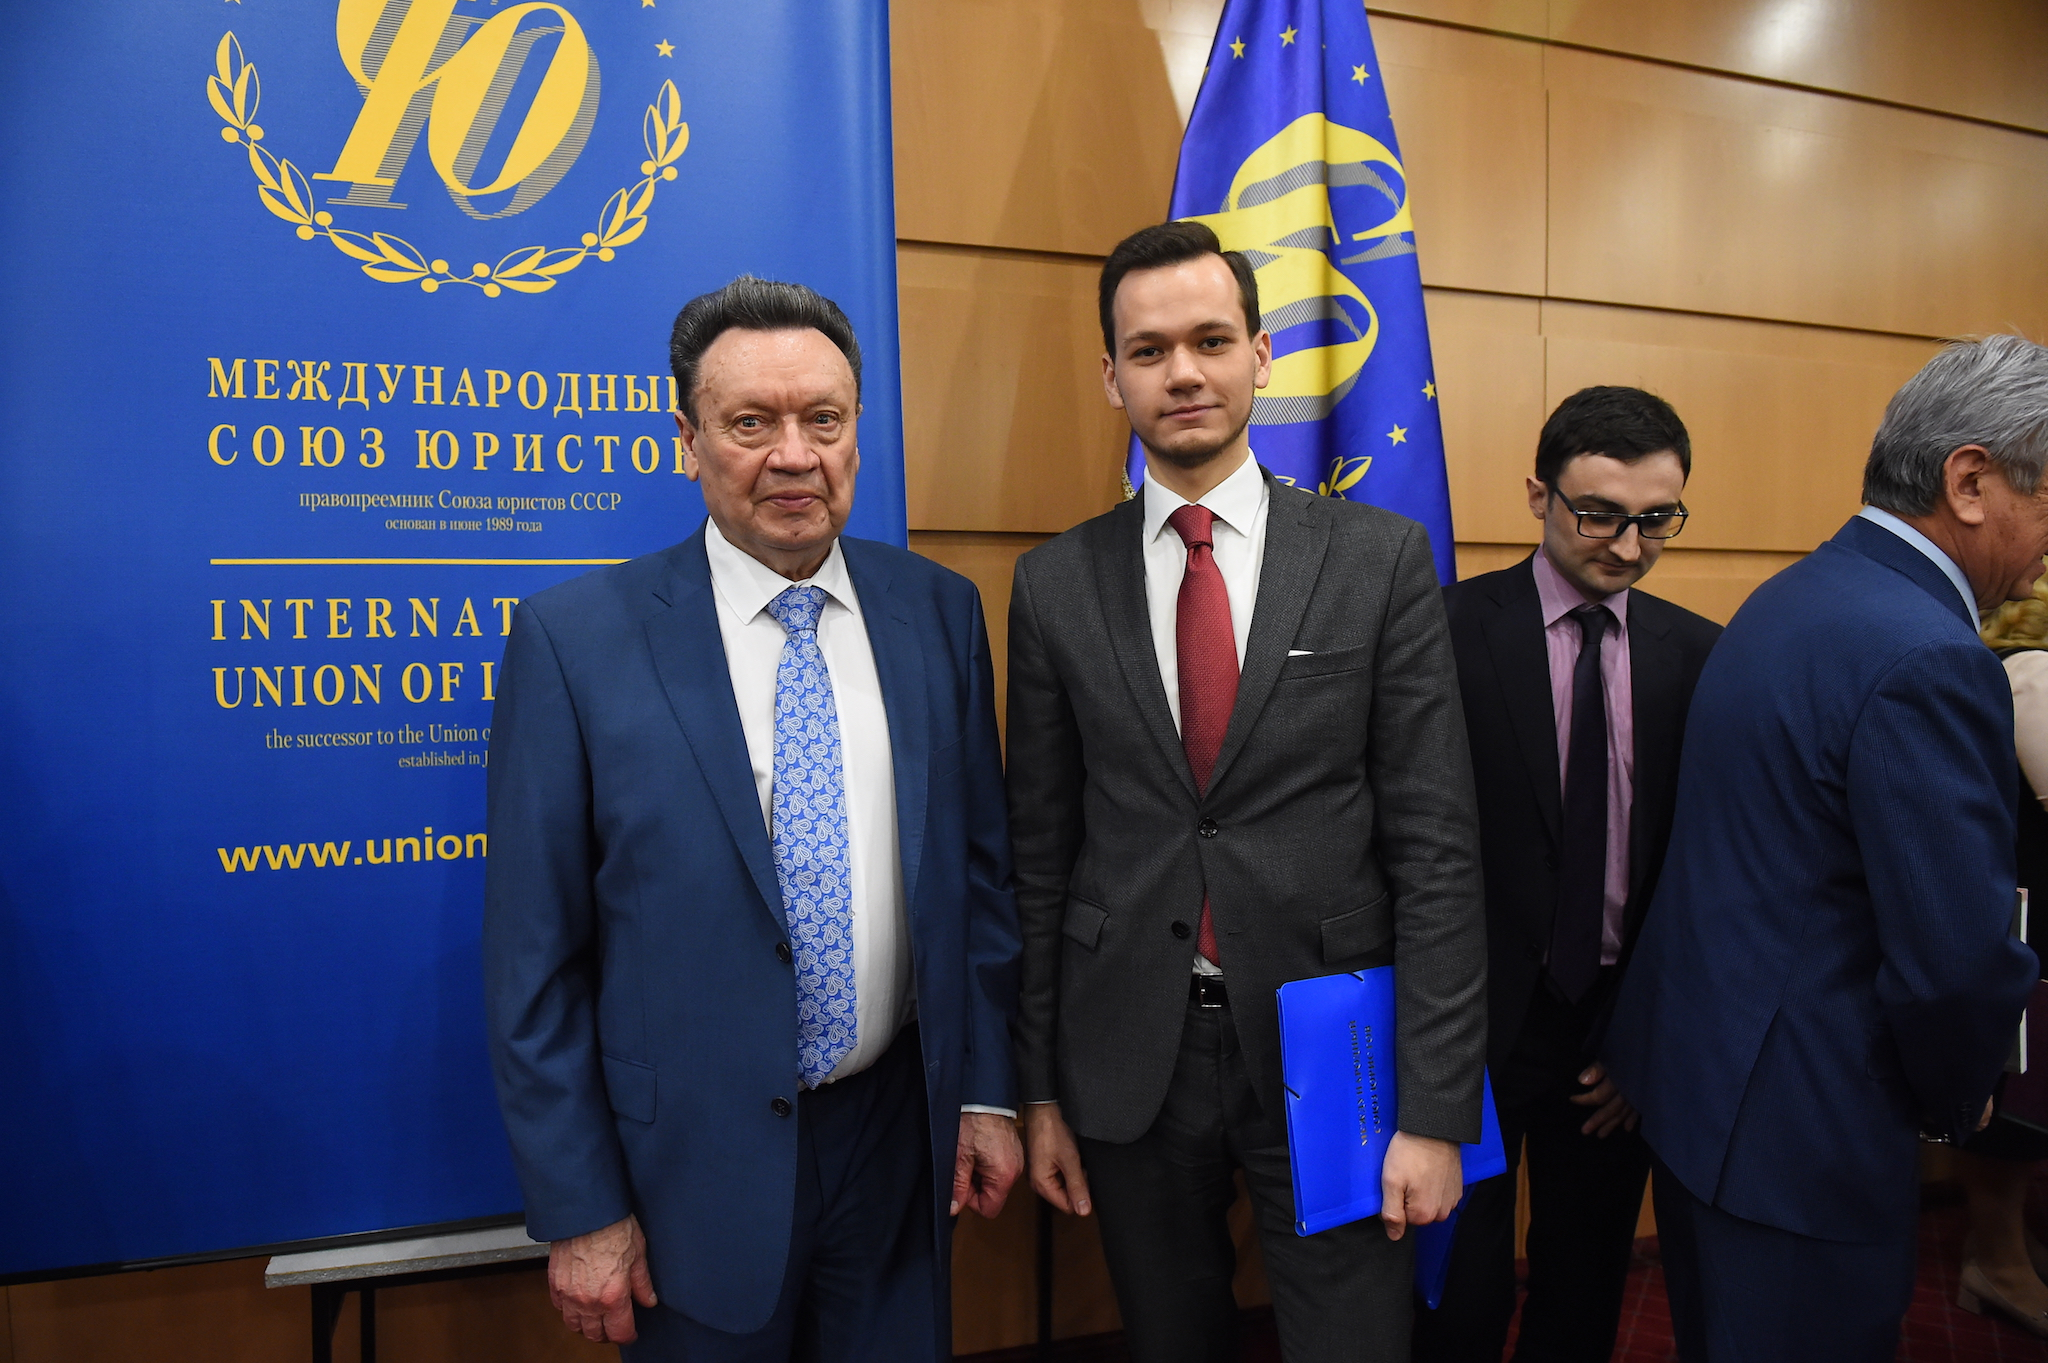 Председатель Международного союза юристов Требков А.А. и Иванов И.Г. на заседании Координационного совета Международного союза юристов, 2016 год.